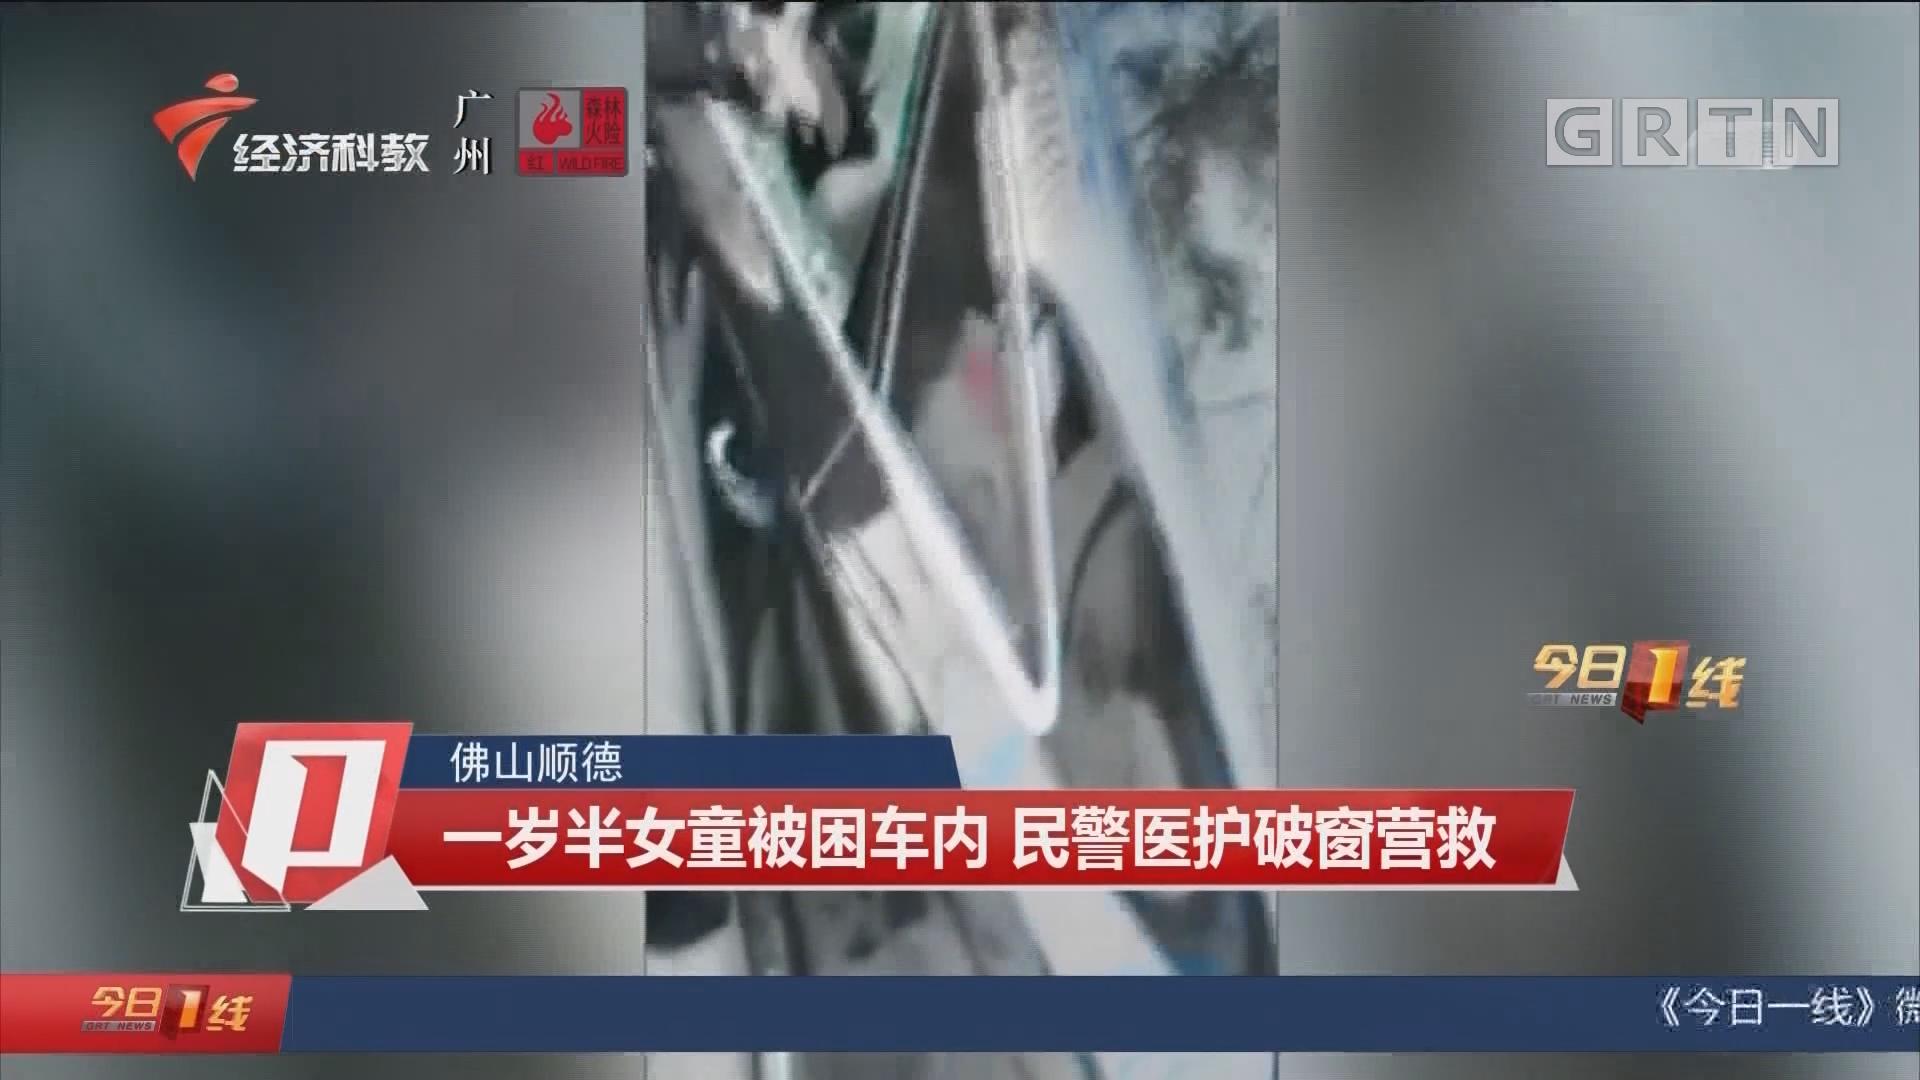 佛山顺德 一岁半女童被困车内 民警医护破窗营救